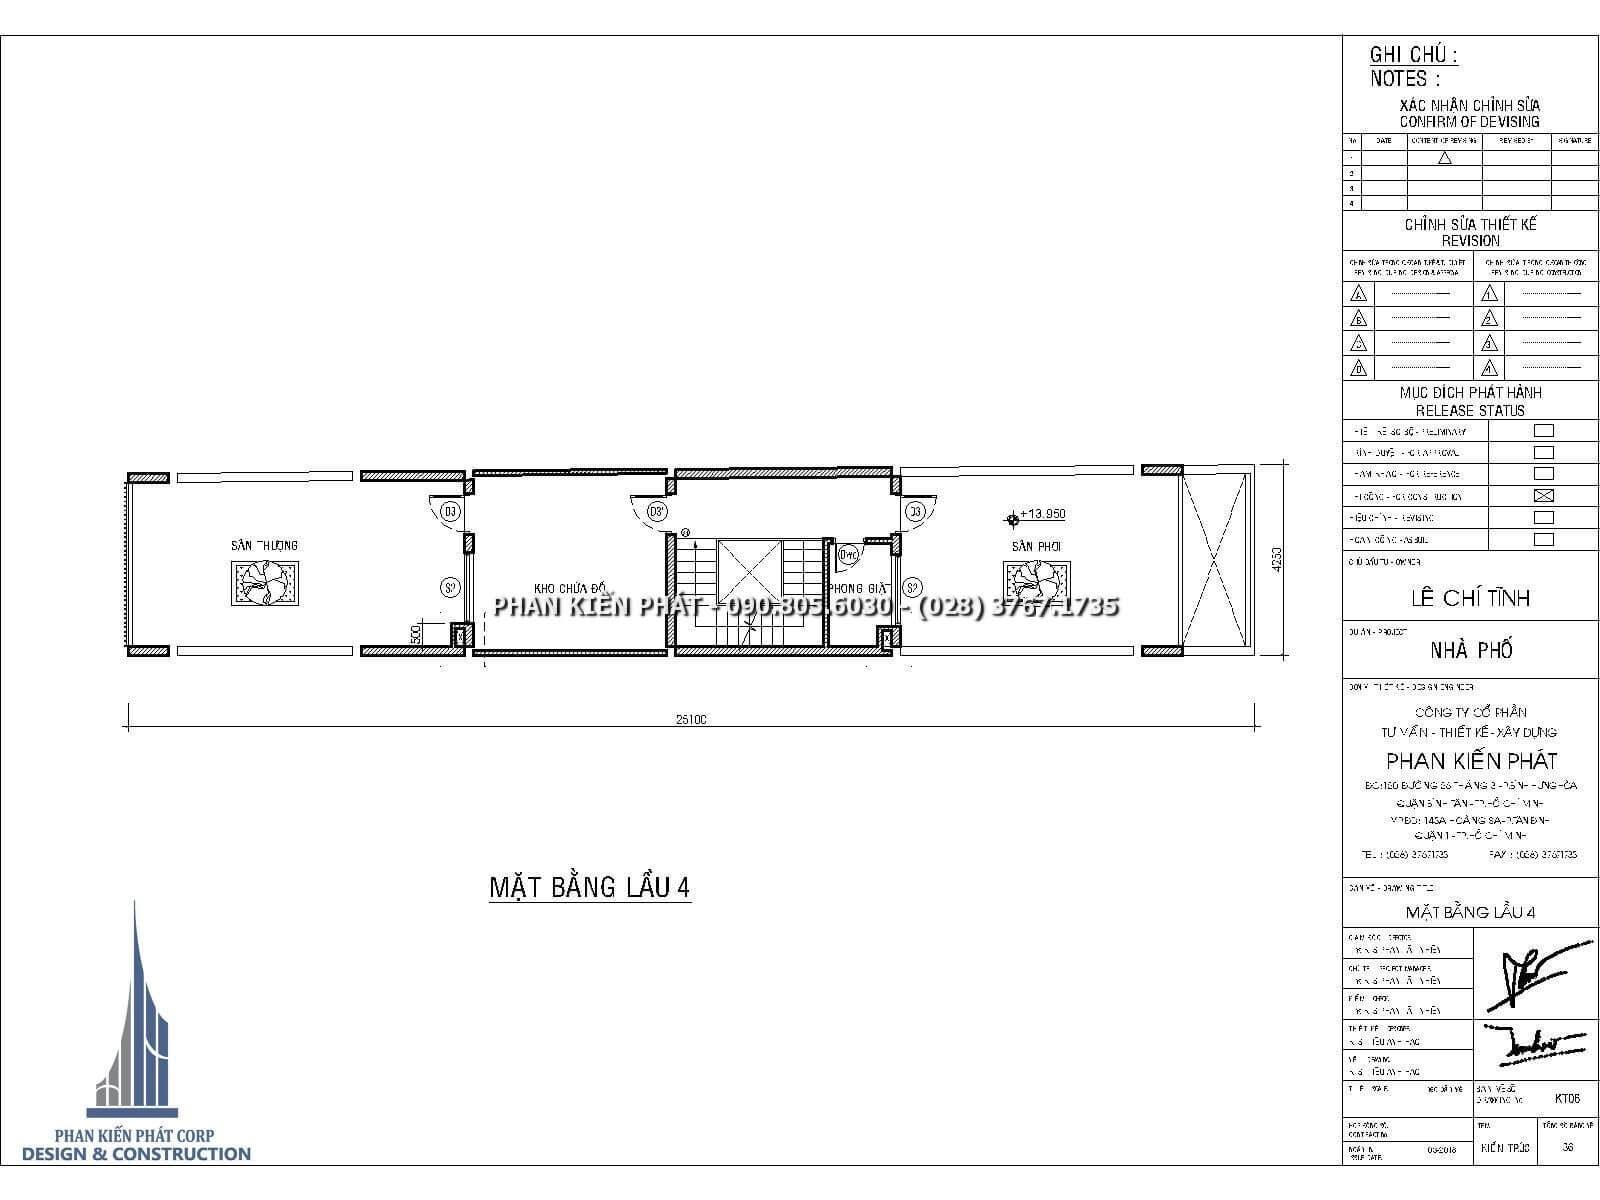 Mặt bằng lầu 4 – Thiết kế nhà phố 4 lầu kết hợp với phòng khám